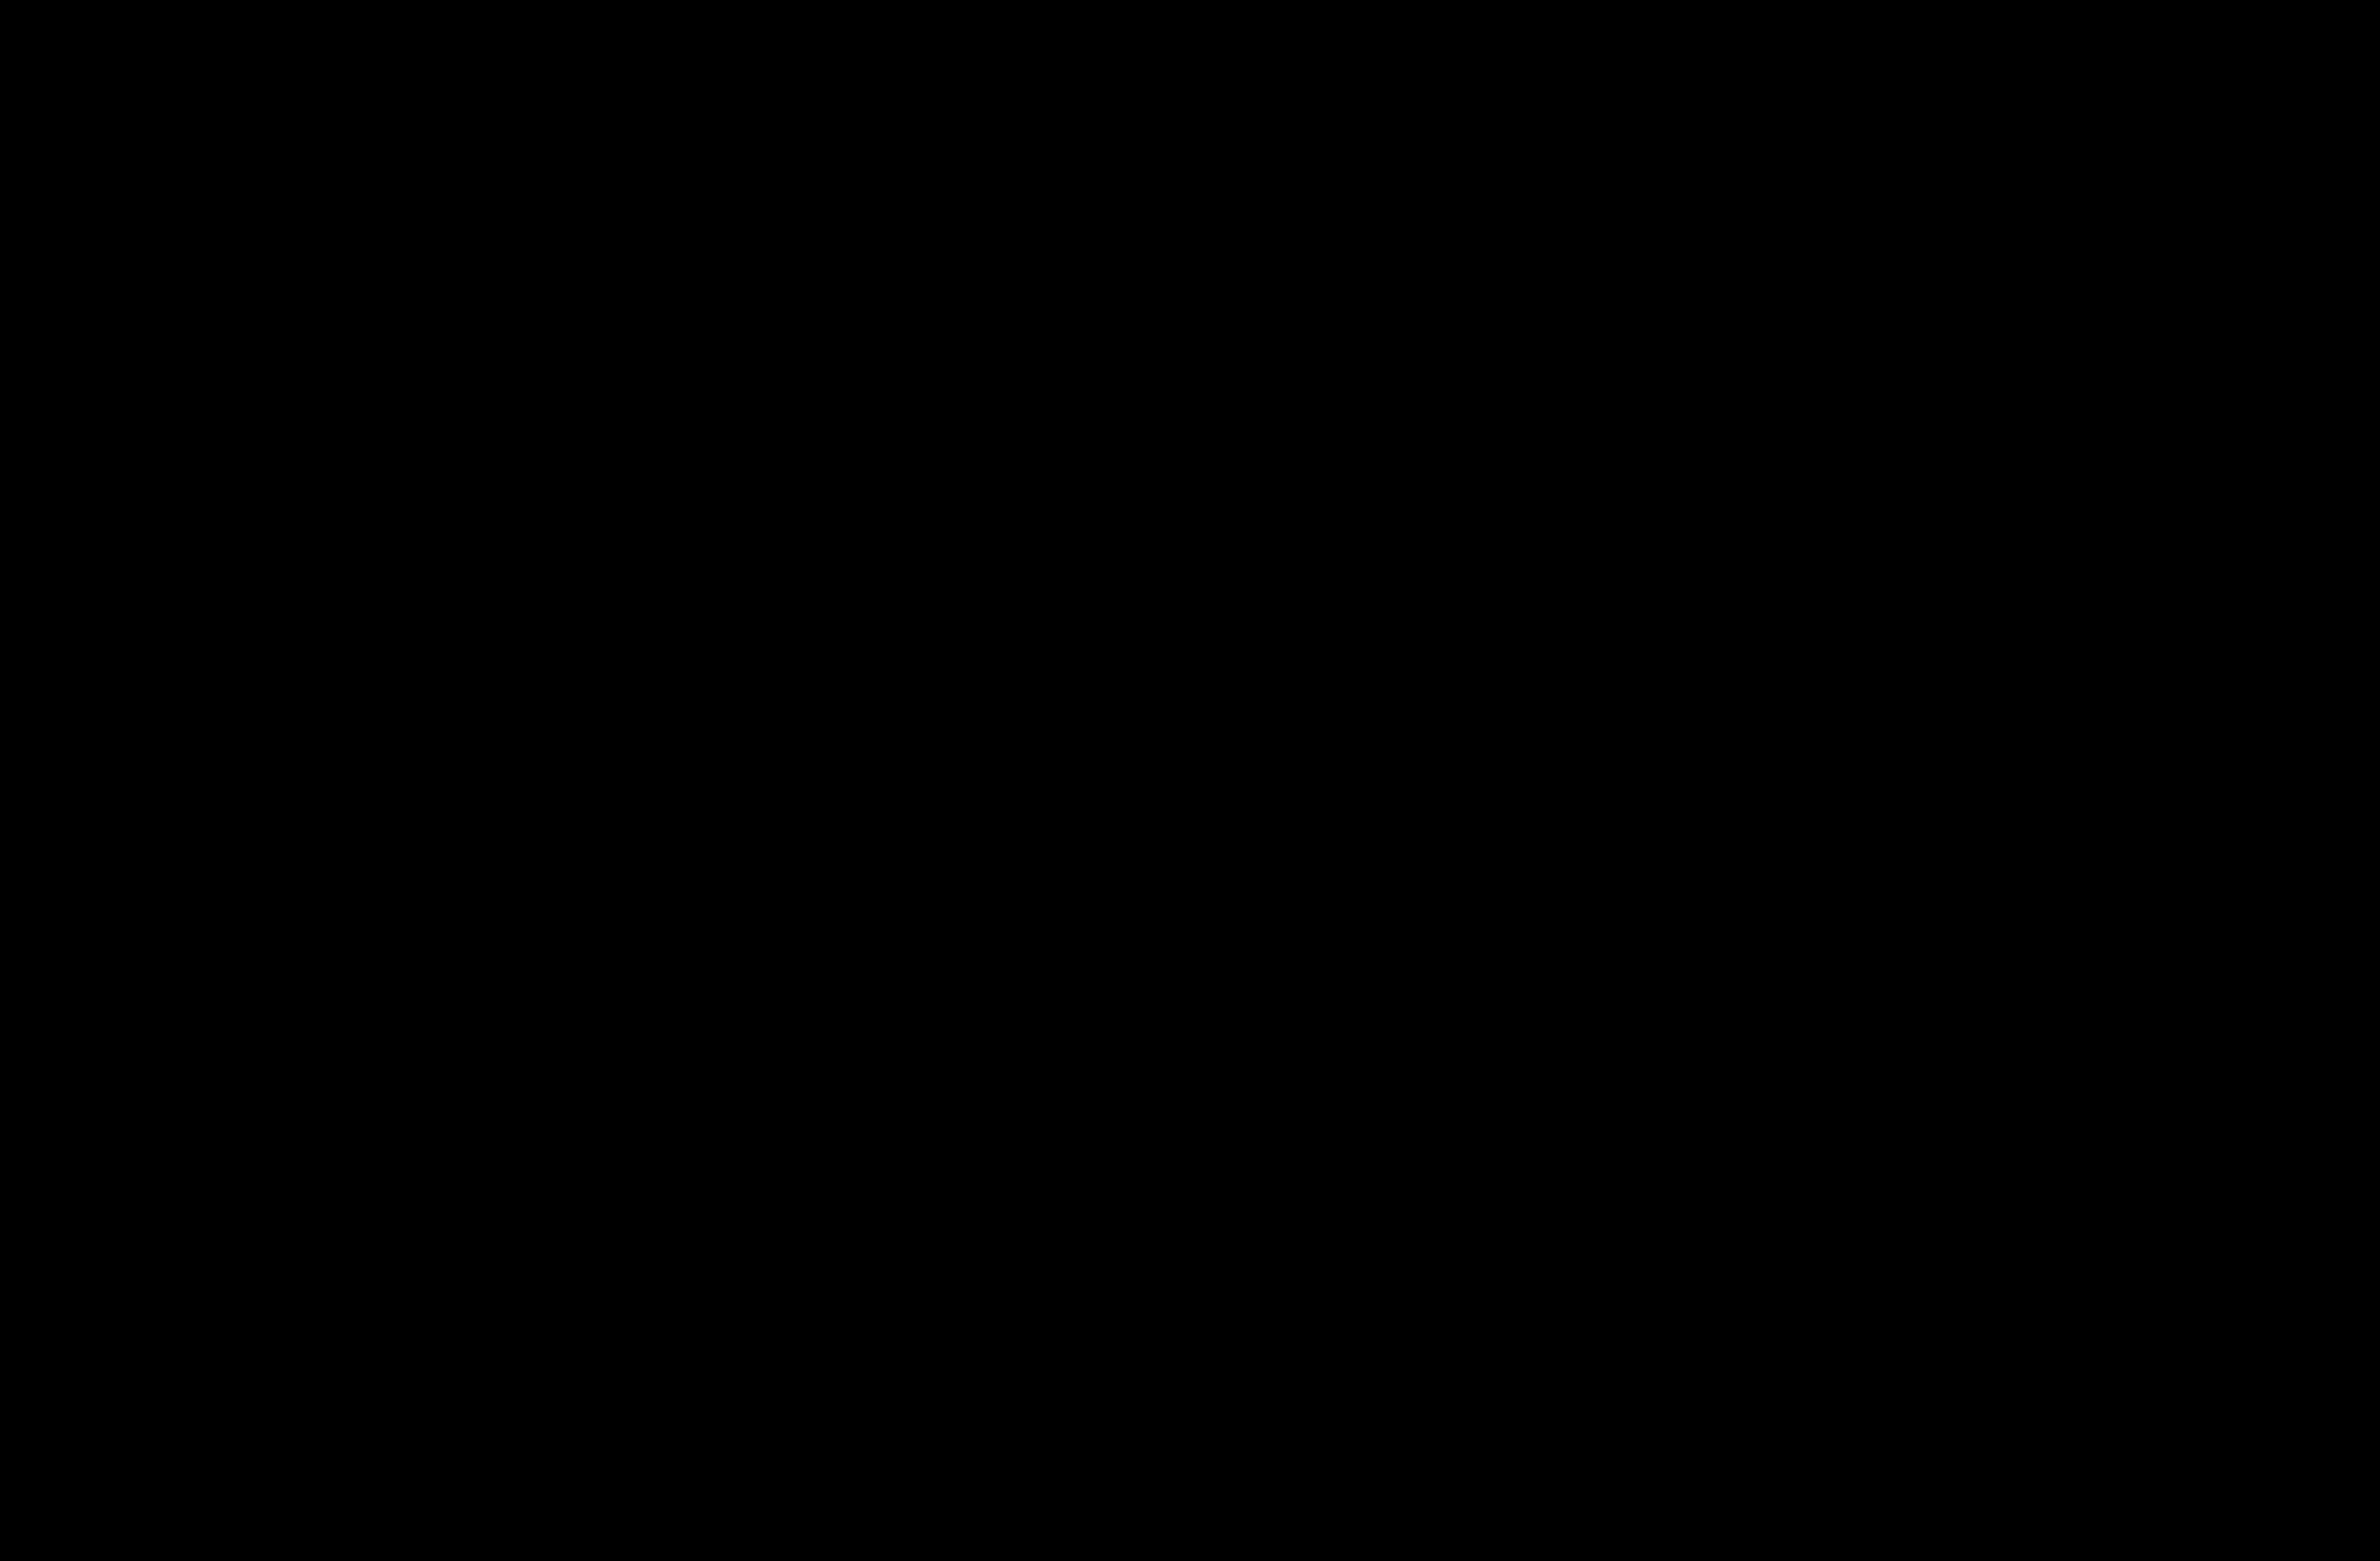 Chavant, arrivée du tram par : Alondra González 22-05-2017